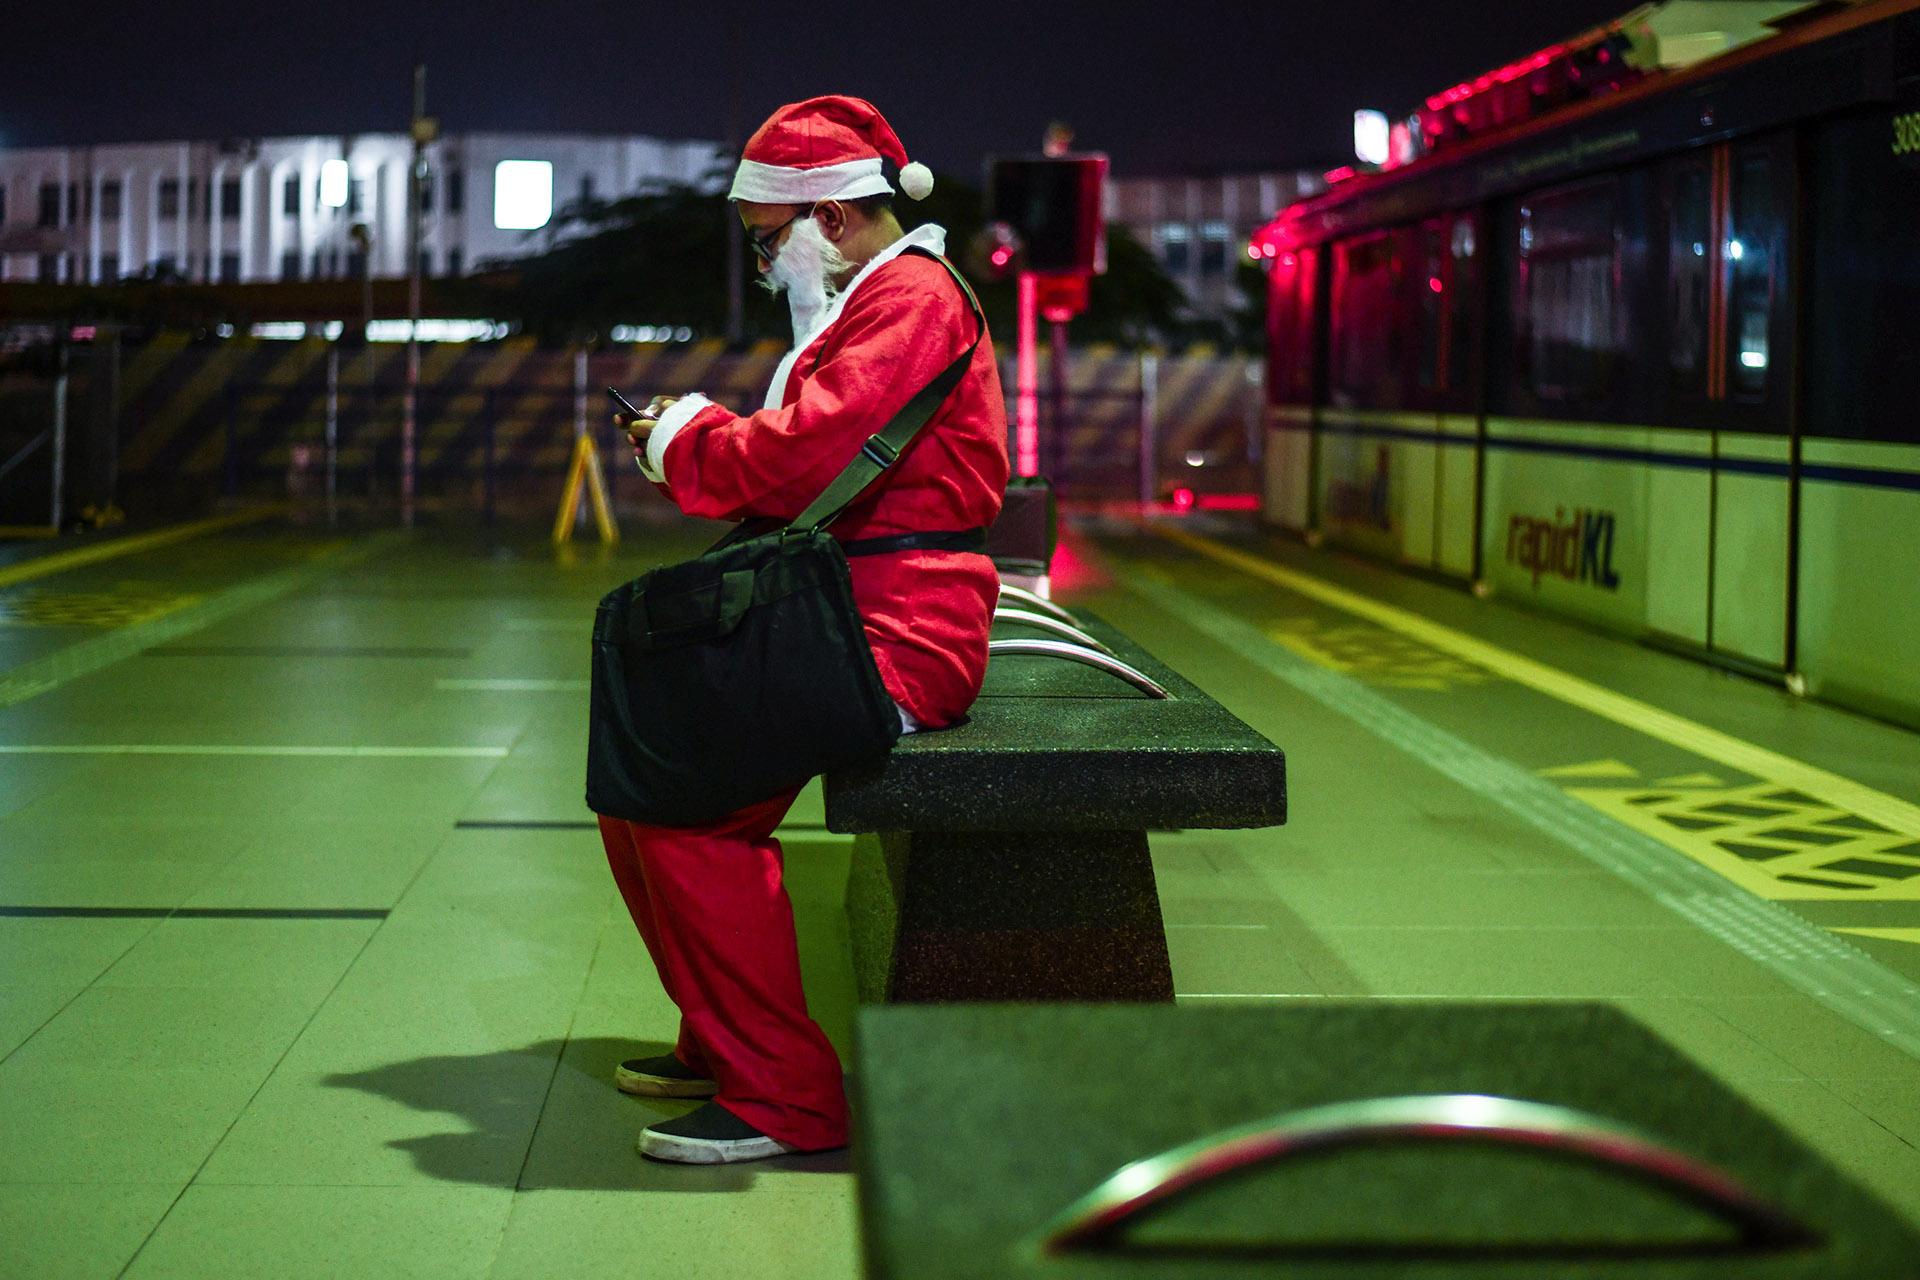 Un hombre disfrazado de Papa Noel espera en una estación de tren en Kuala Lumpur